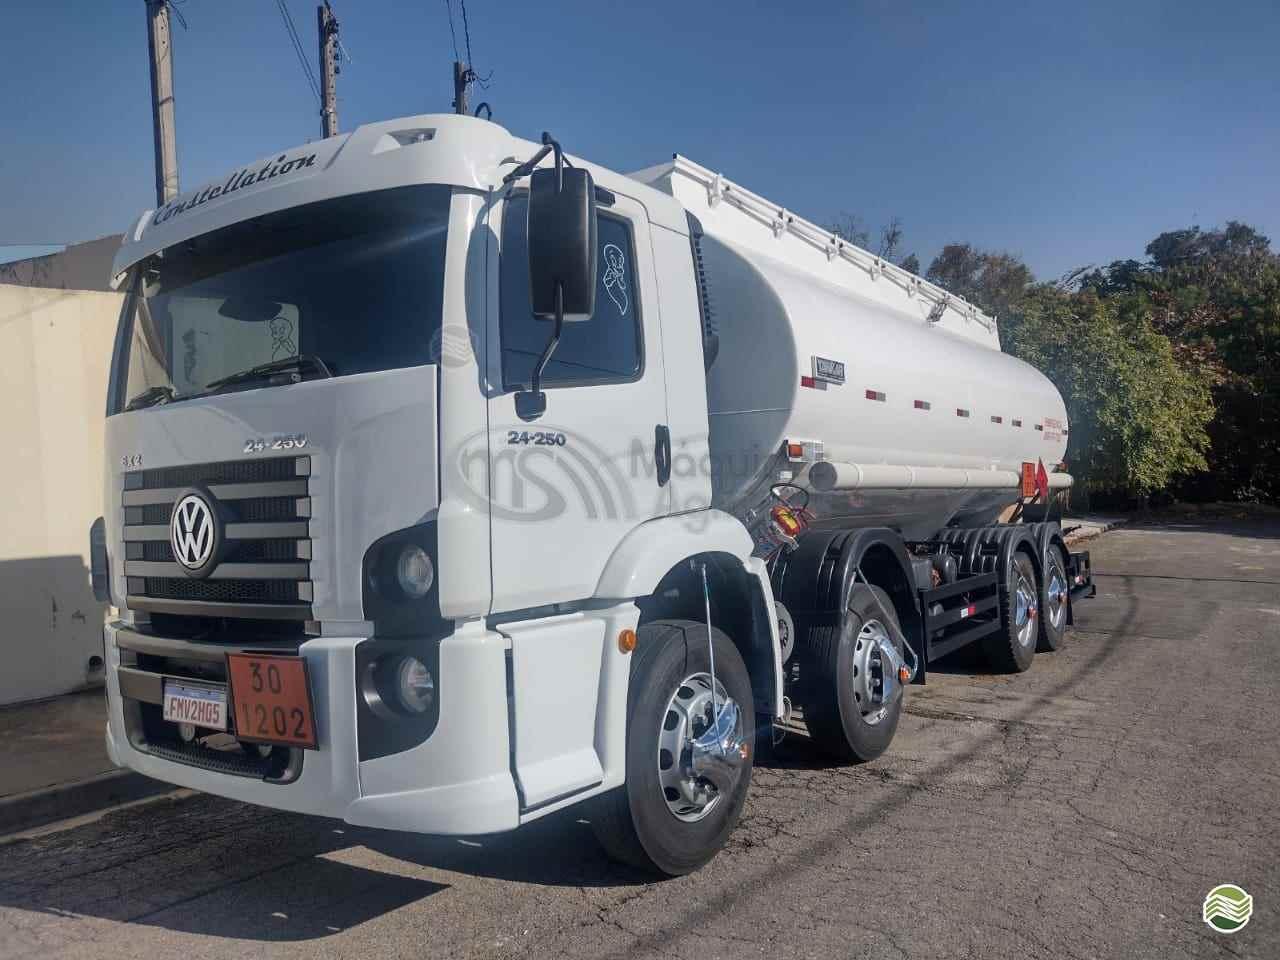 CAMINHAO VOLKSWAGEN VW 24250 Tanque Aço Truck 6x2 MS Máquinas Agrícolas DOURADOS MATO GROSSO DO SUL MS